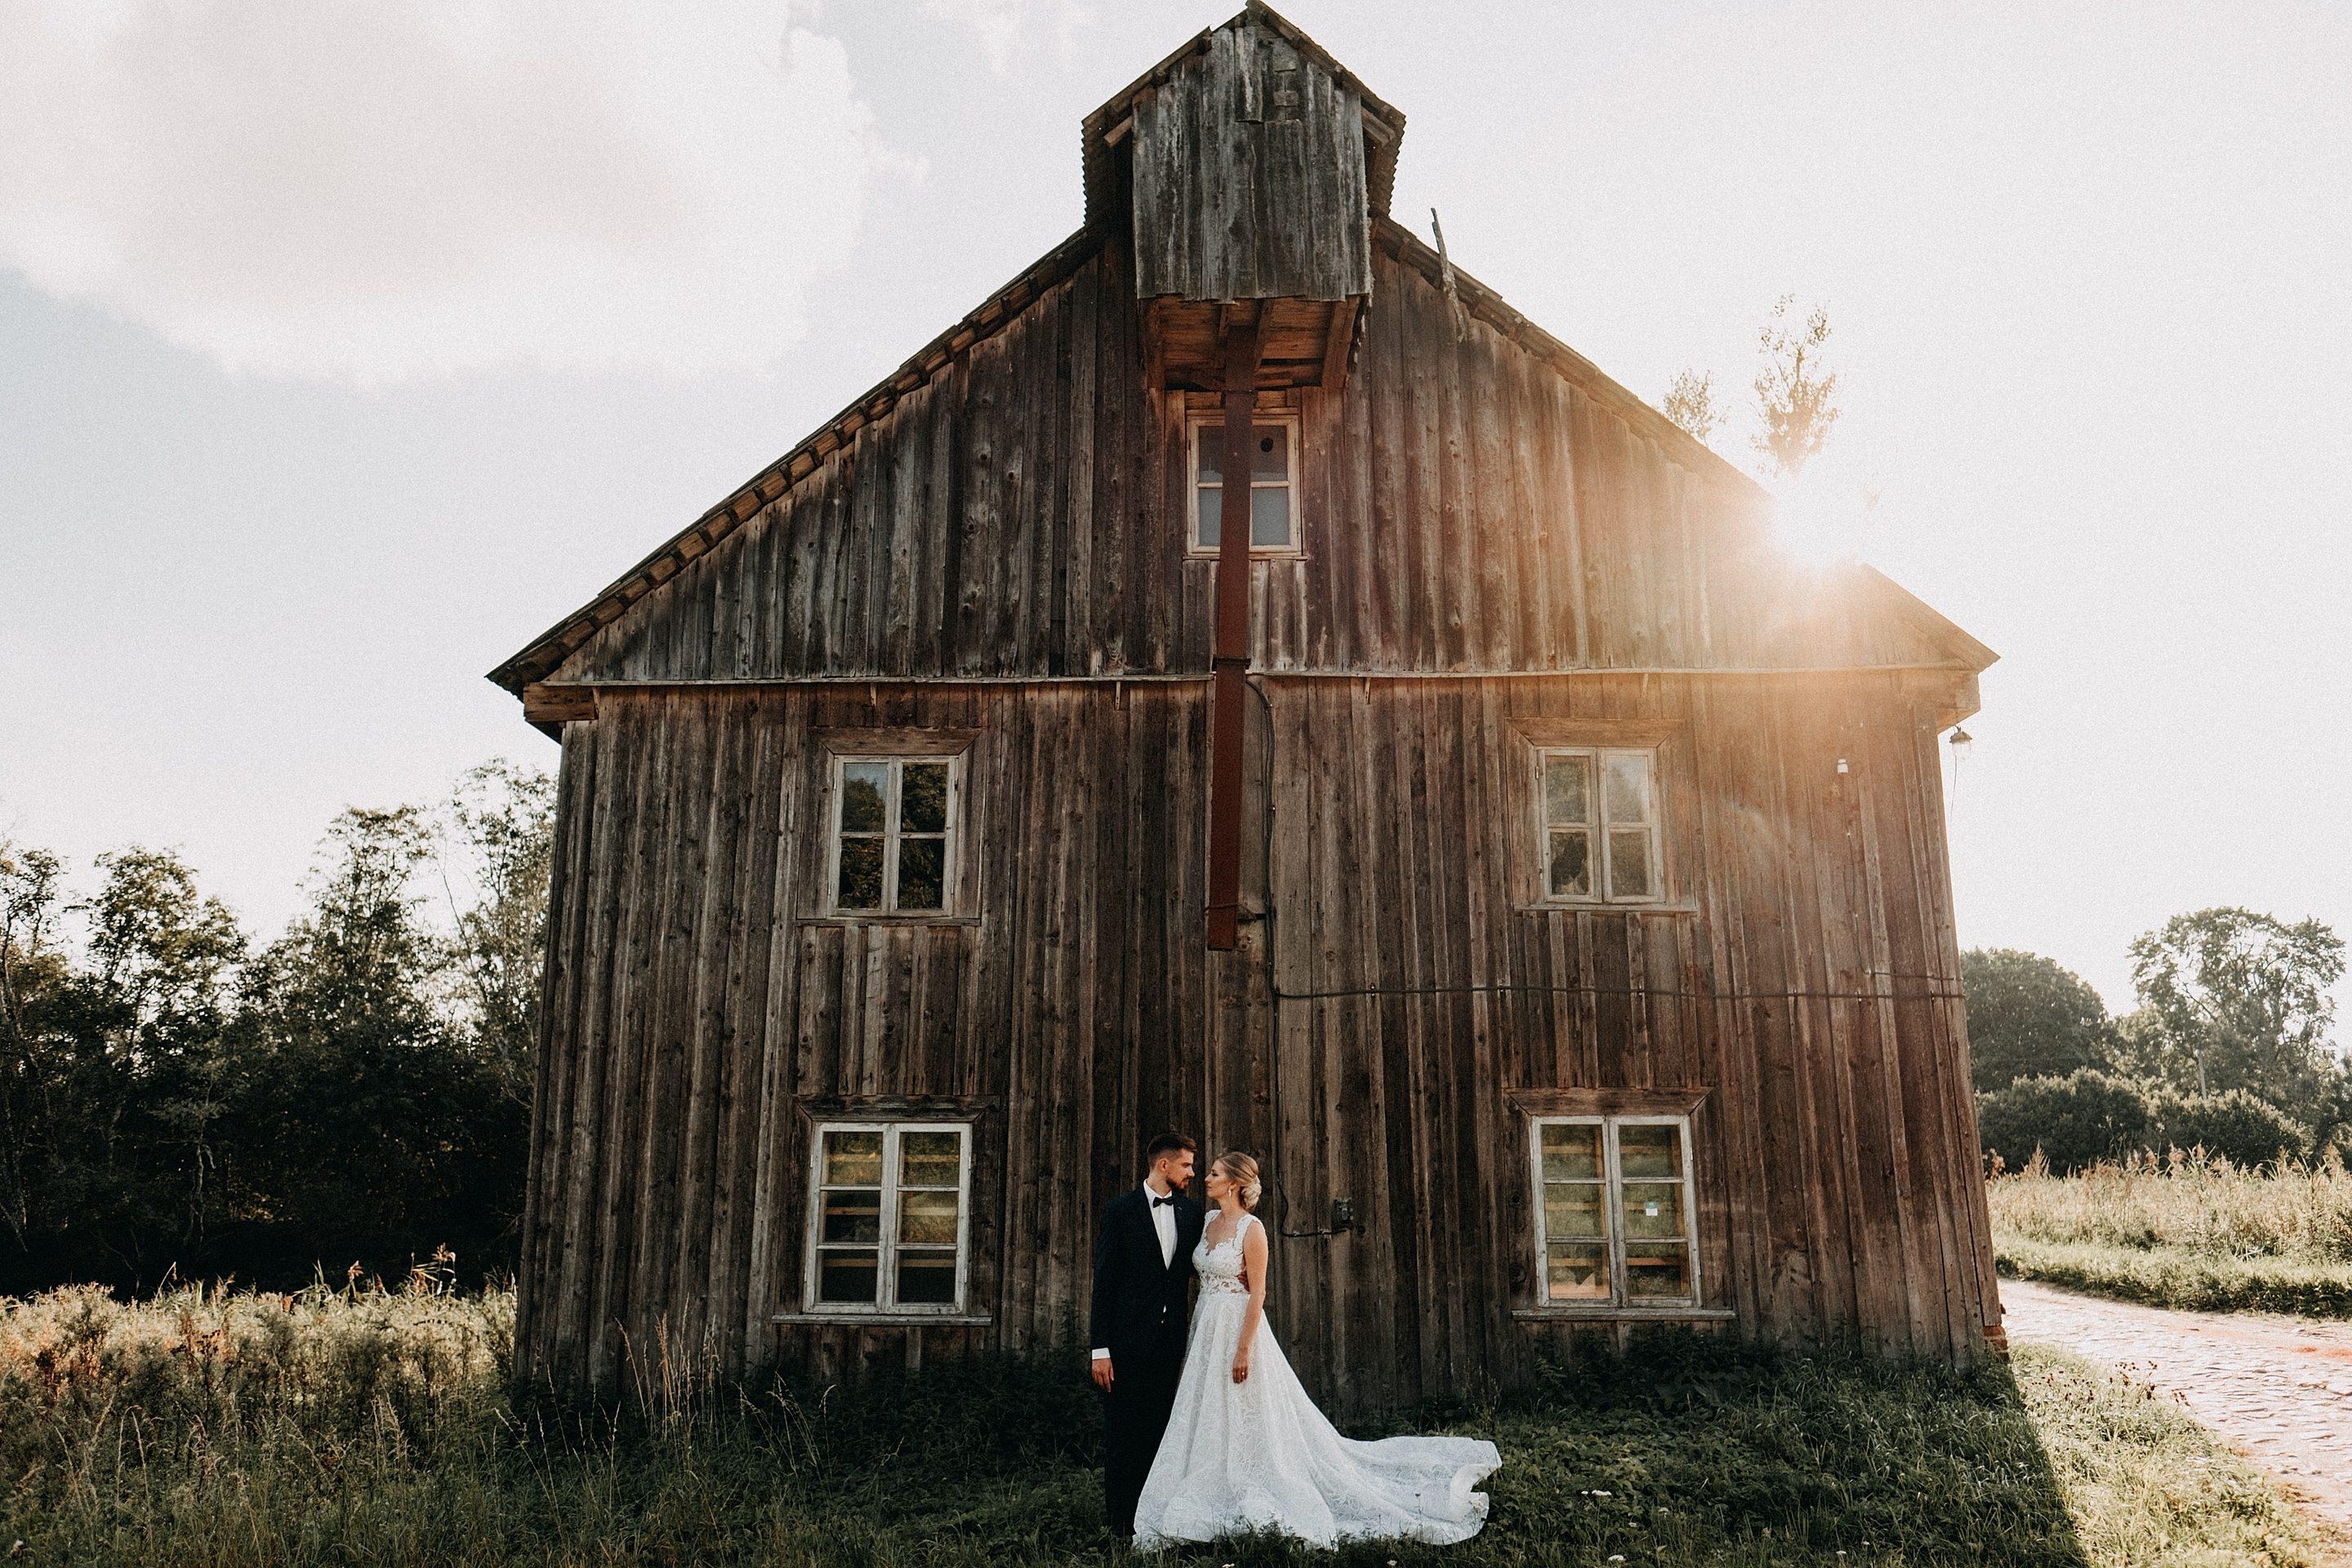 vestuvinė fotosesija apleistas dvaras fotografas Šiauliai